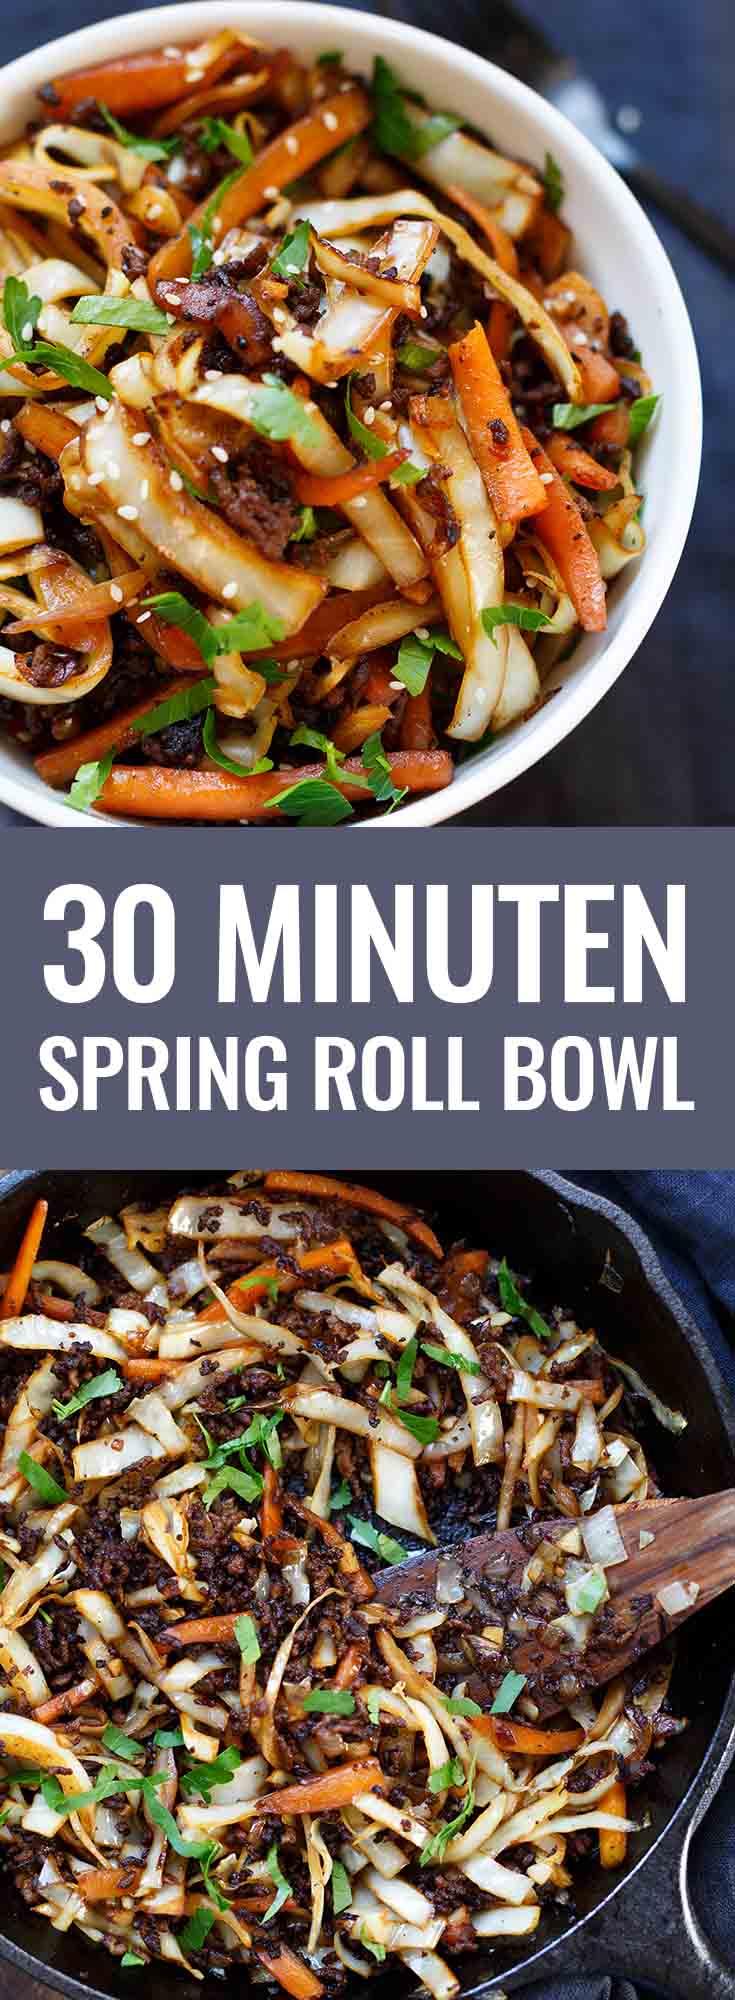 OMG Spring Roll Bowl! Dieses Low Carb-Rezept ist einfach, vollgepackt mit asiatischen Aromen und SO gut. - Kochkarussell.com #springrolls #bowl #buddhabowl #frühlingsrolle